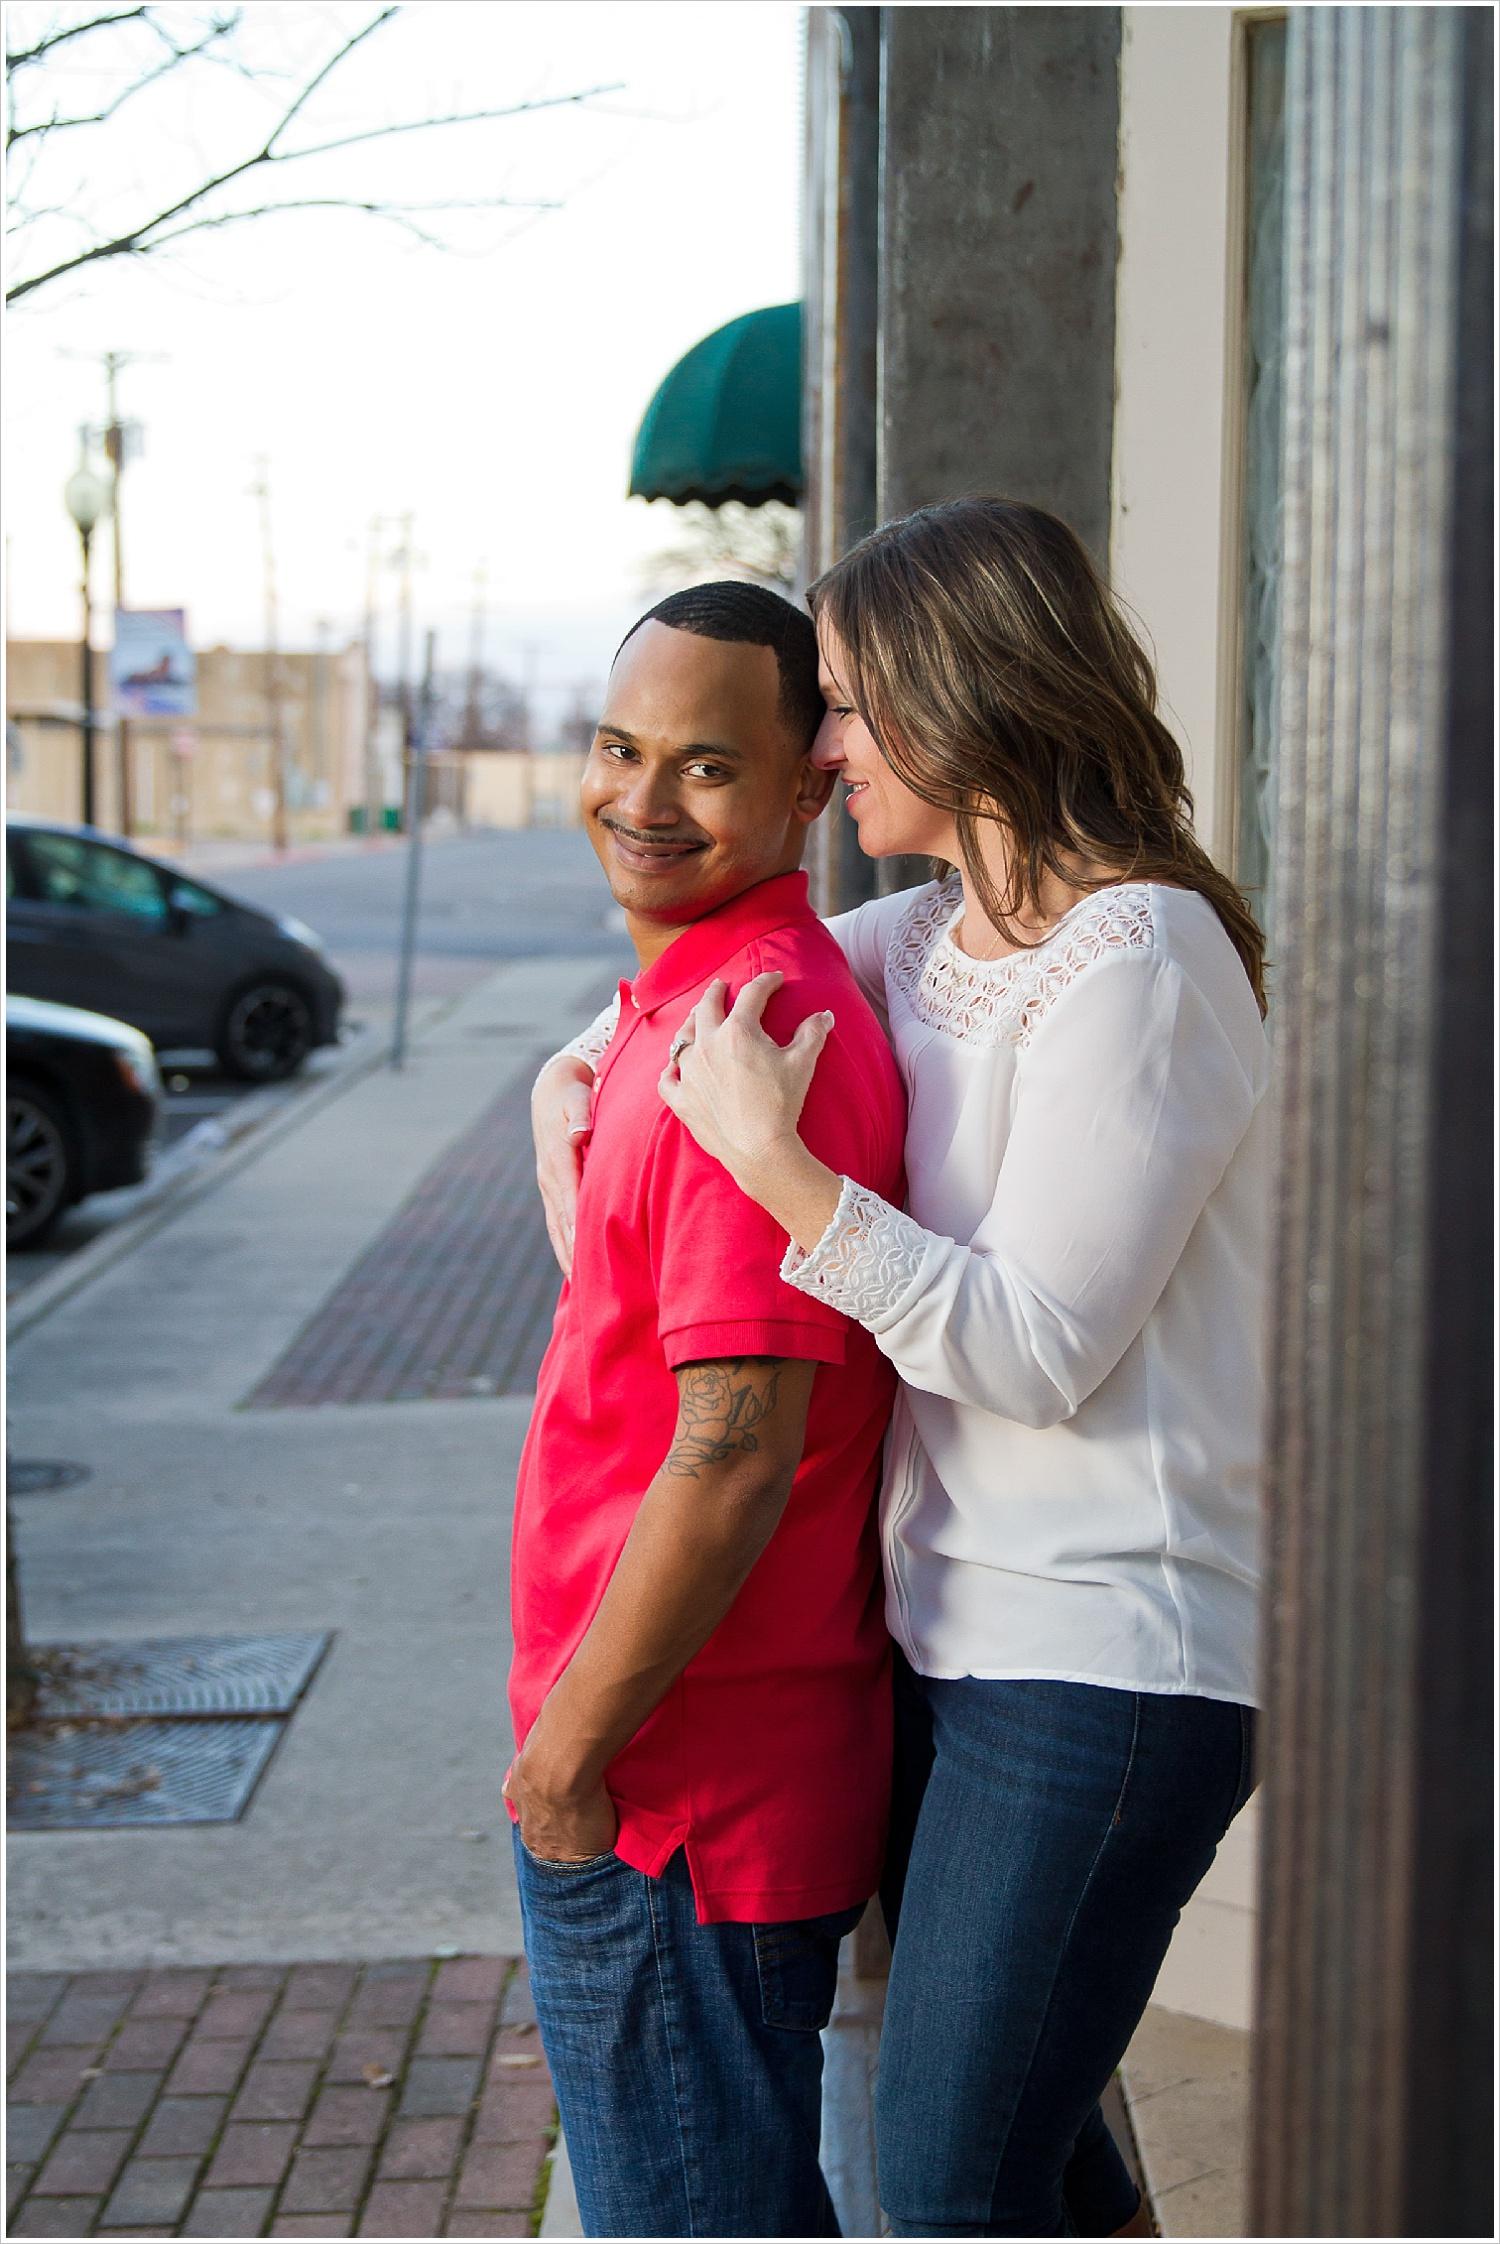 Couple embrace on sidewalk in downtown Belton, Texas